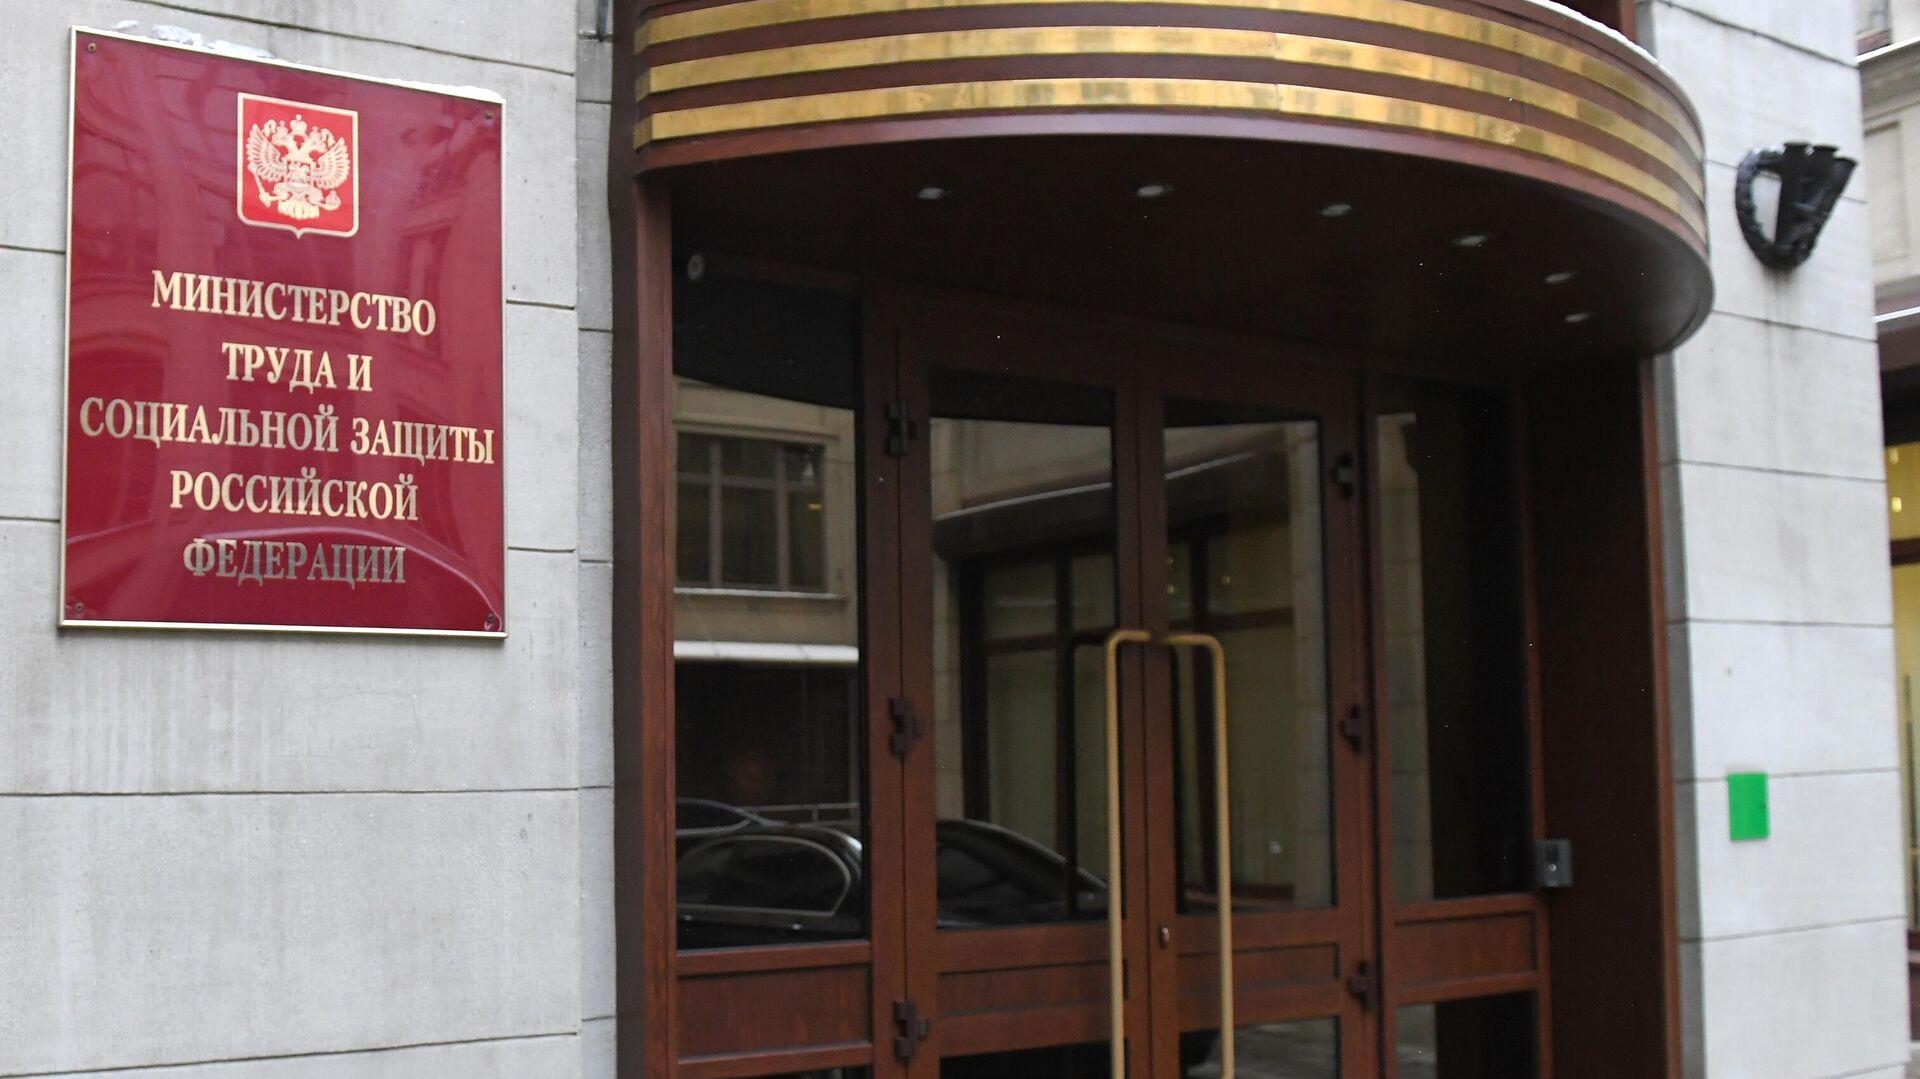 Вход в здание министерства труда и социальной защиты РФ в Москве - РИА Новости, 1920, 01.10.2021